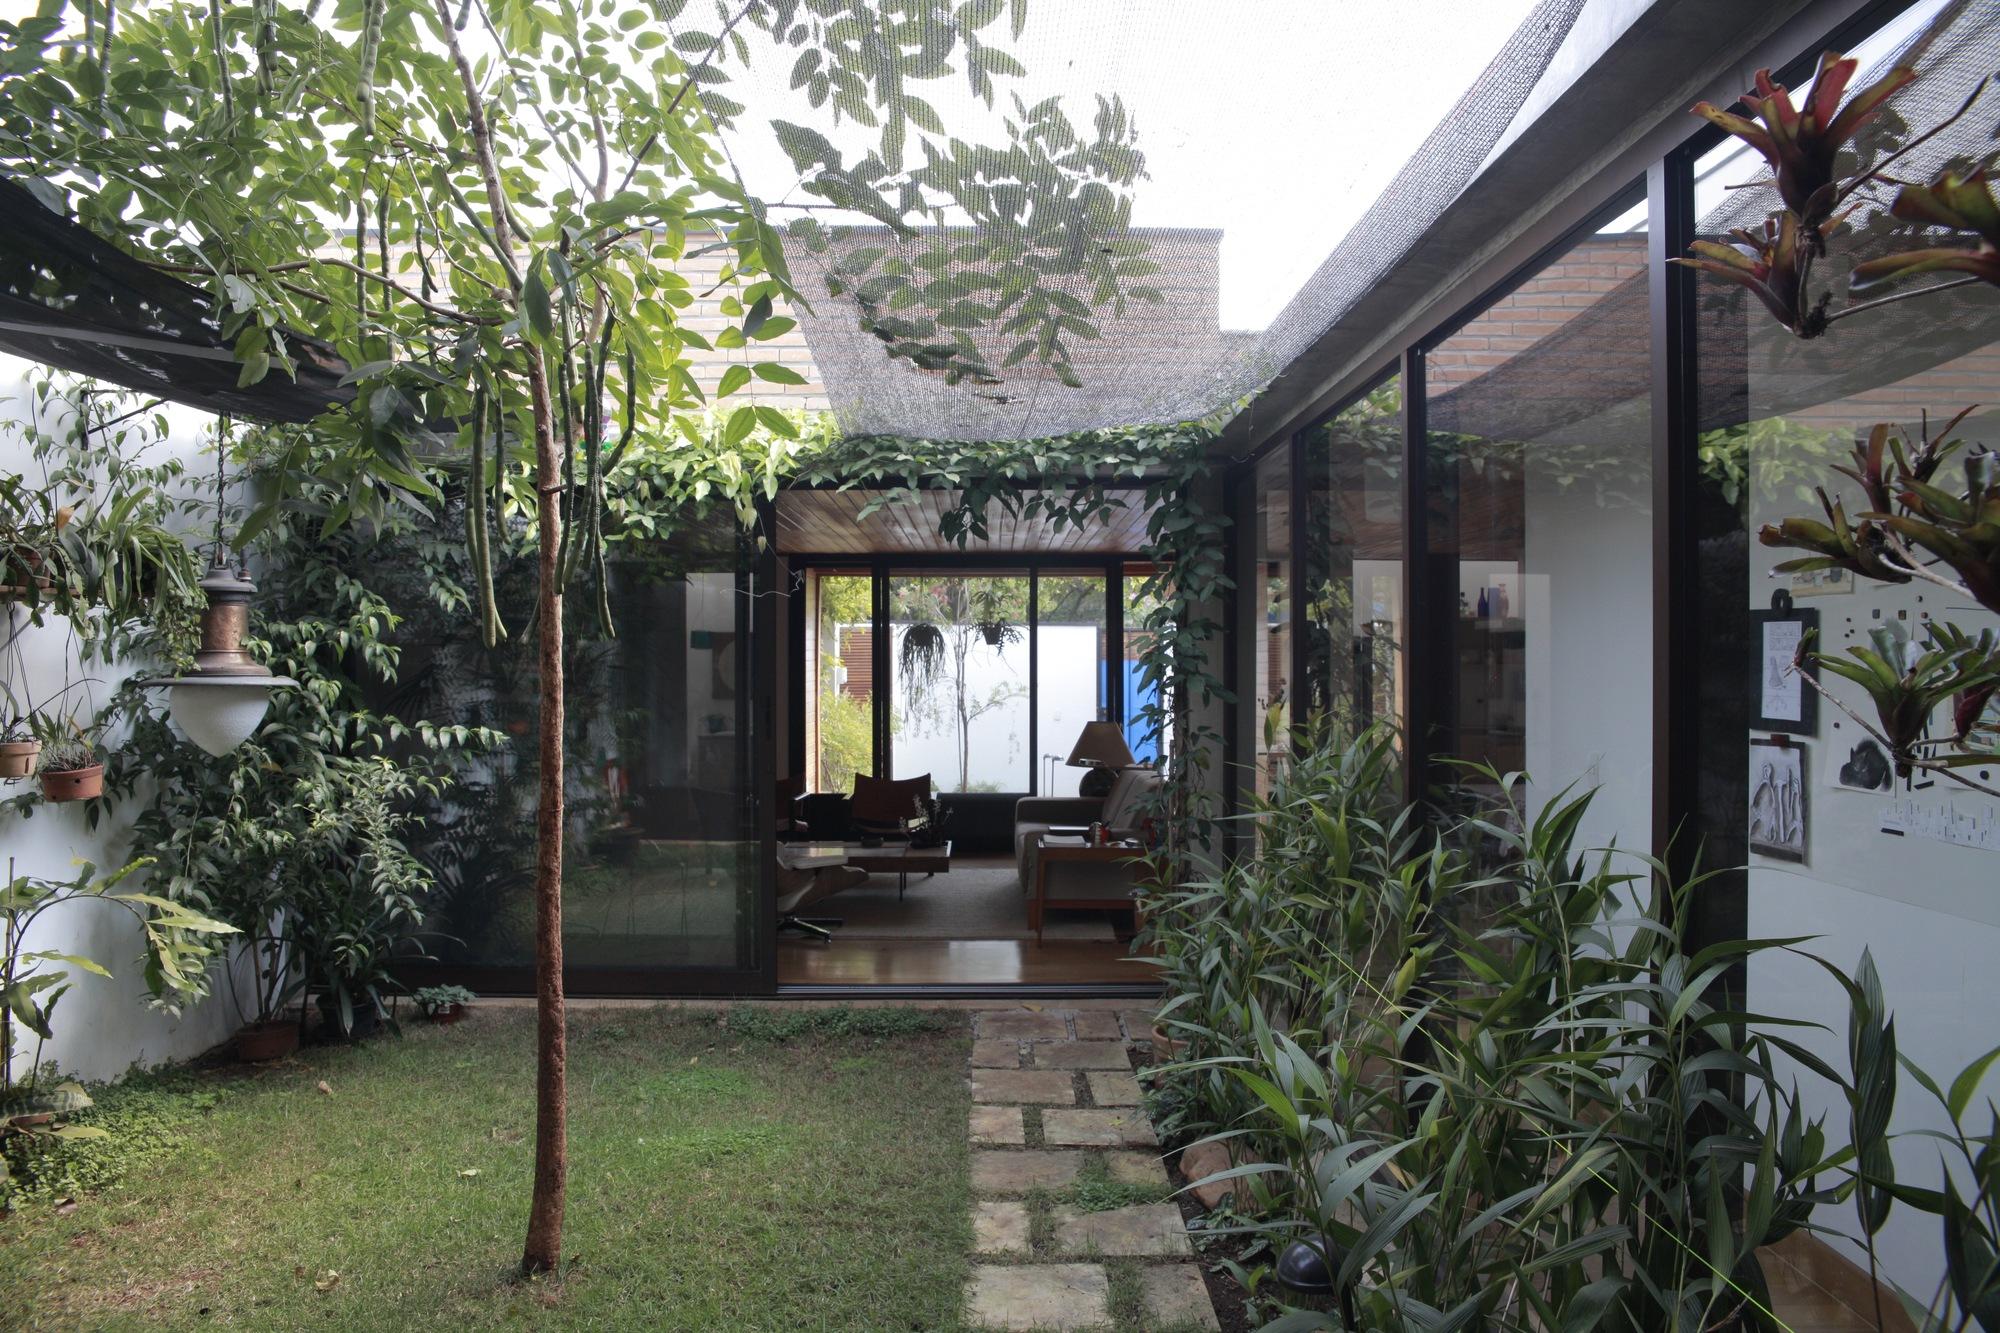 Landscape Design By C O S Design Casa Design